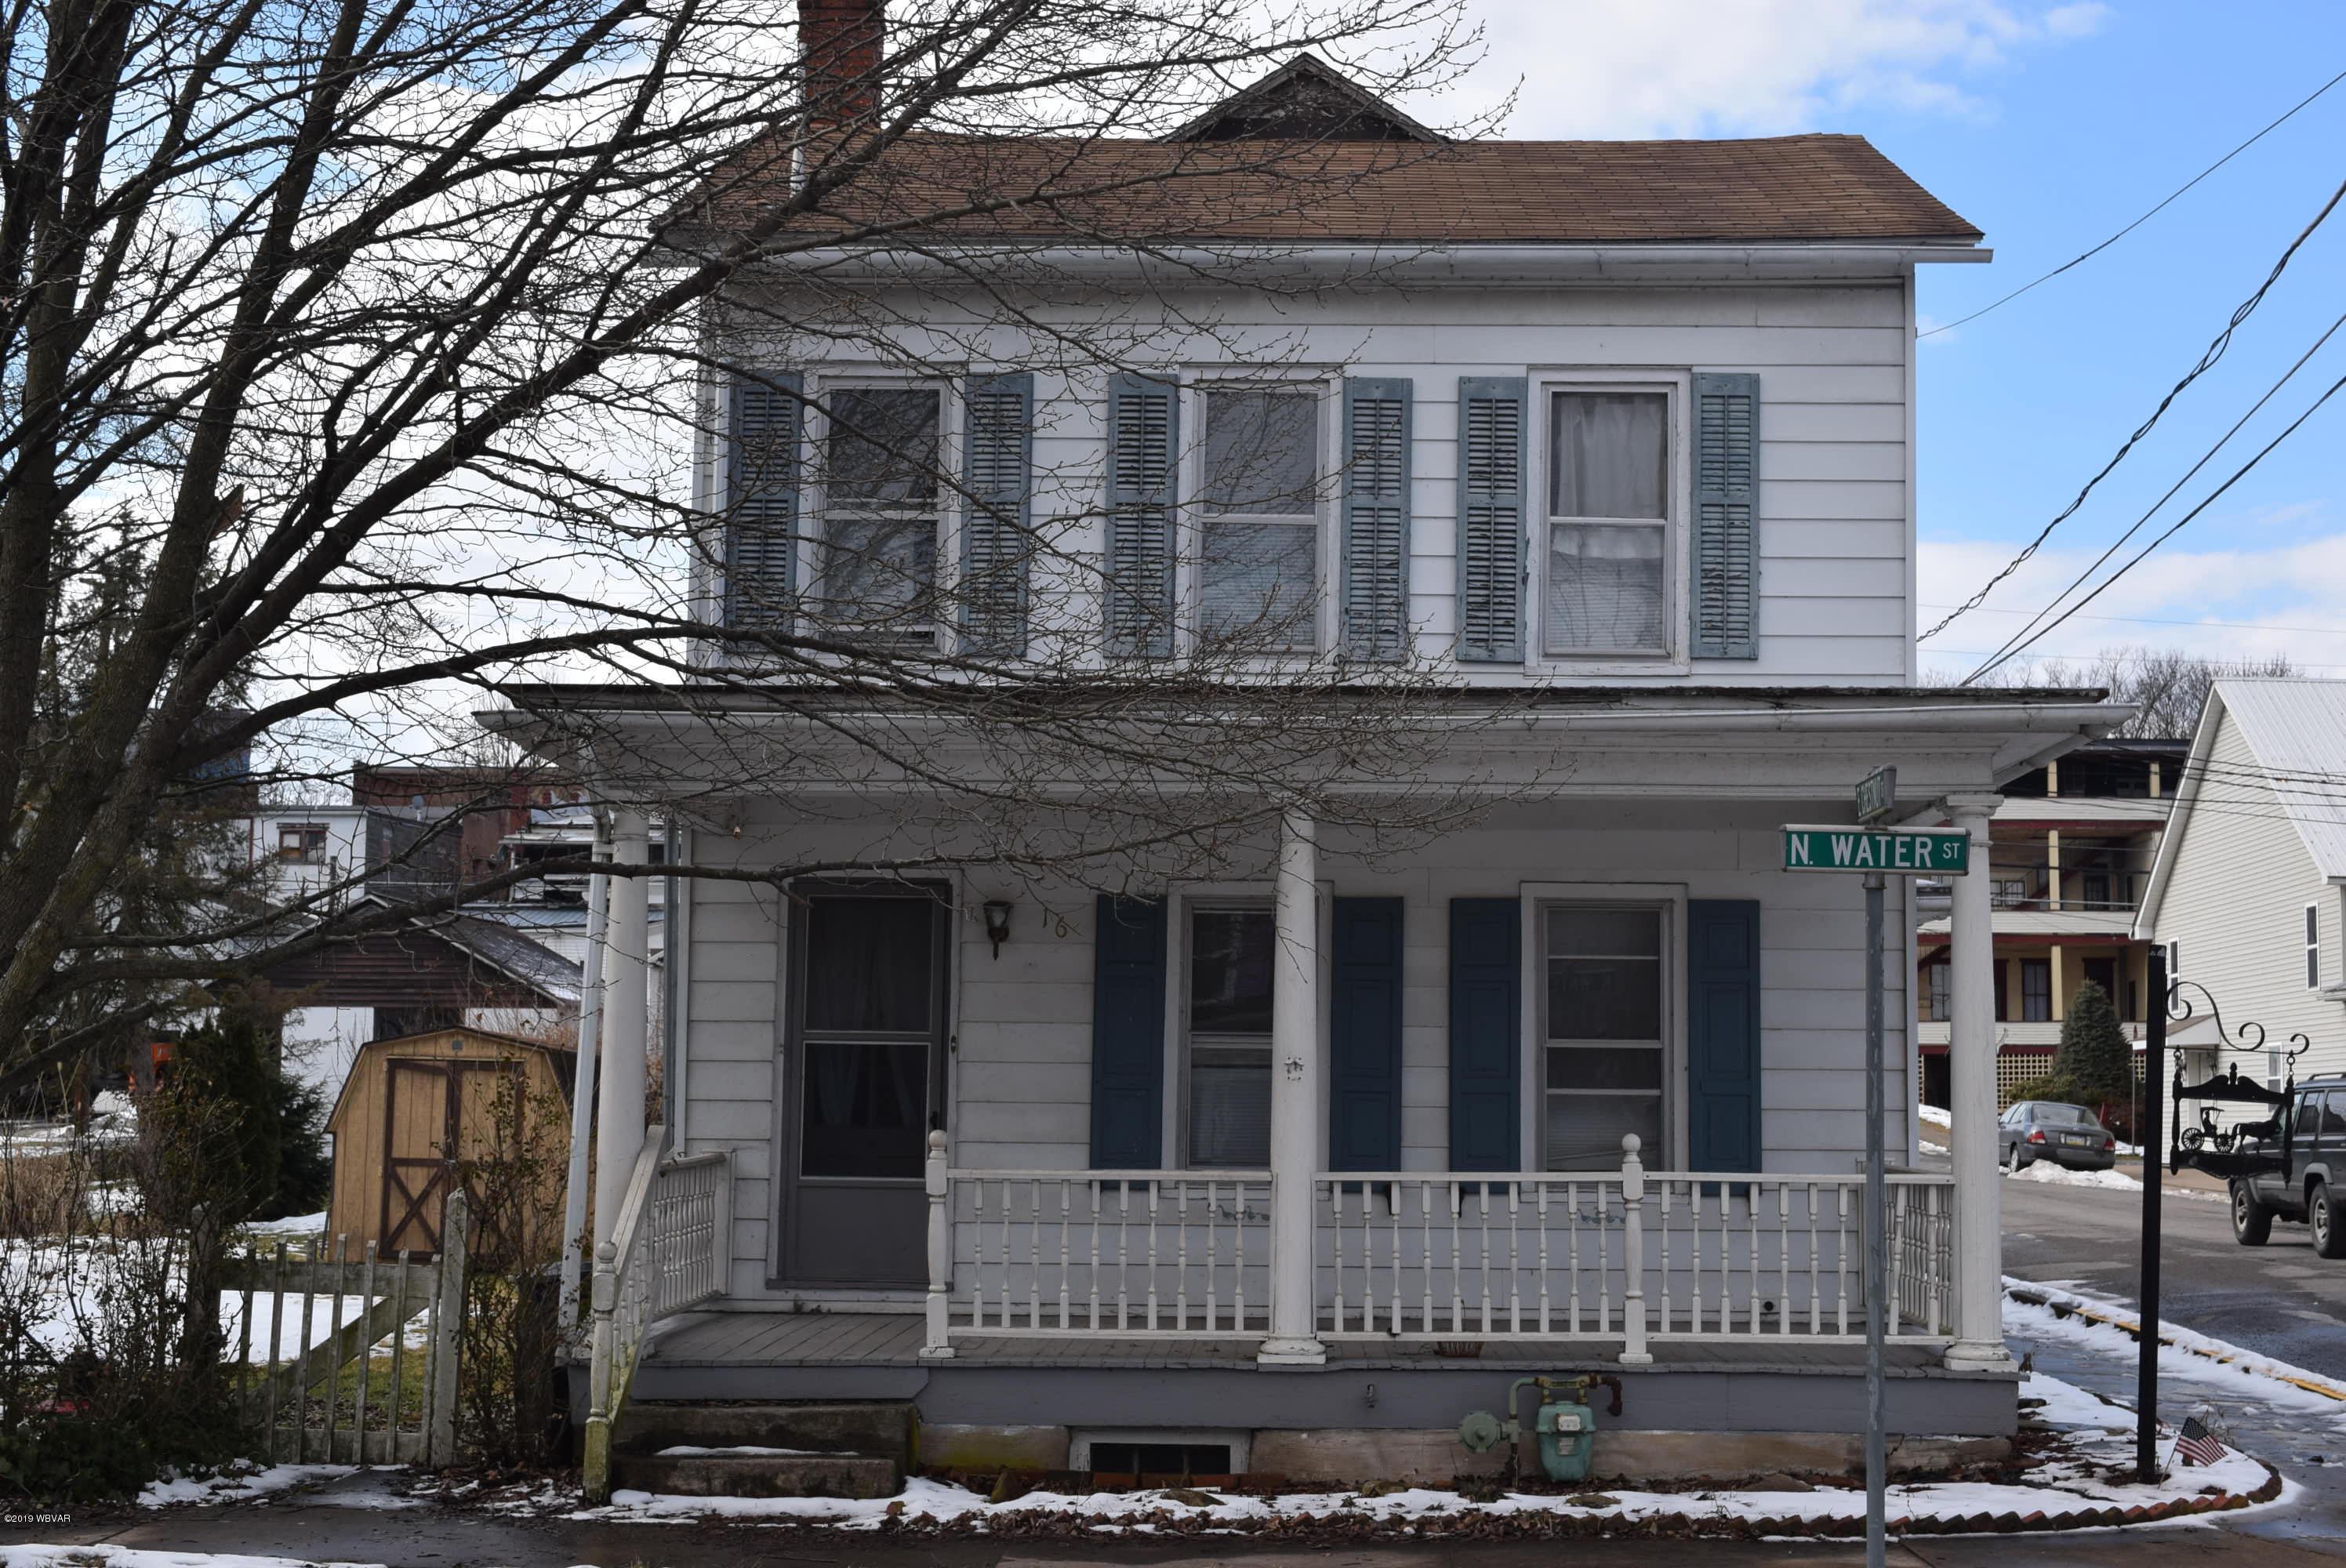 16 WATER STREET,Selinsgrove,PA 17870,4 Bedrooms Bedrooms,2 BathroomsBathrooms,Residential,WATER,WB-86460